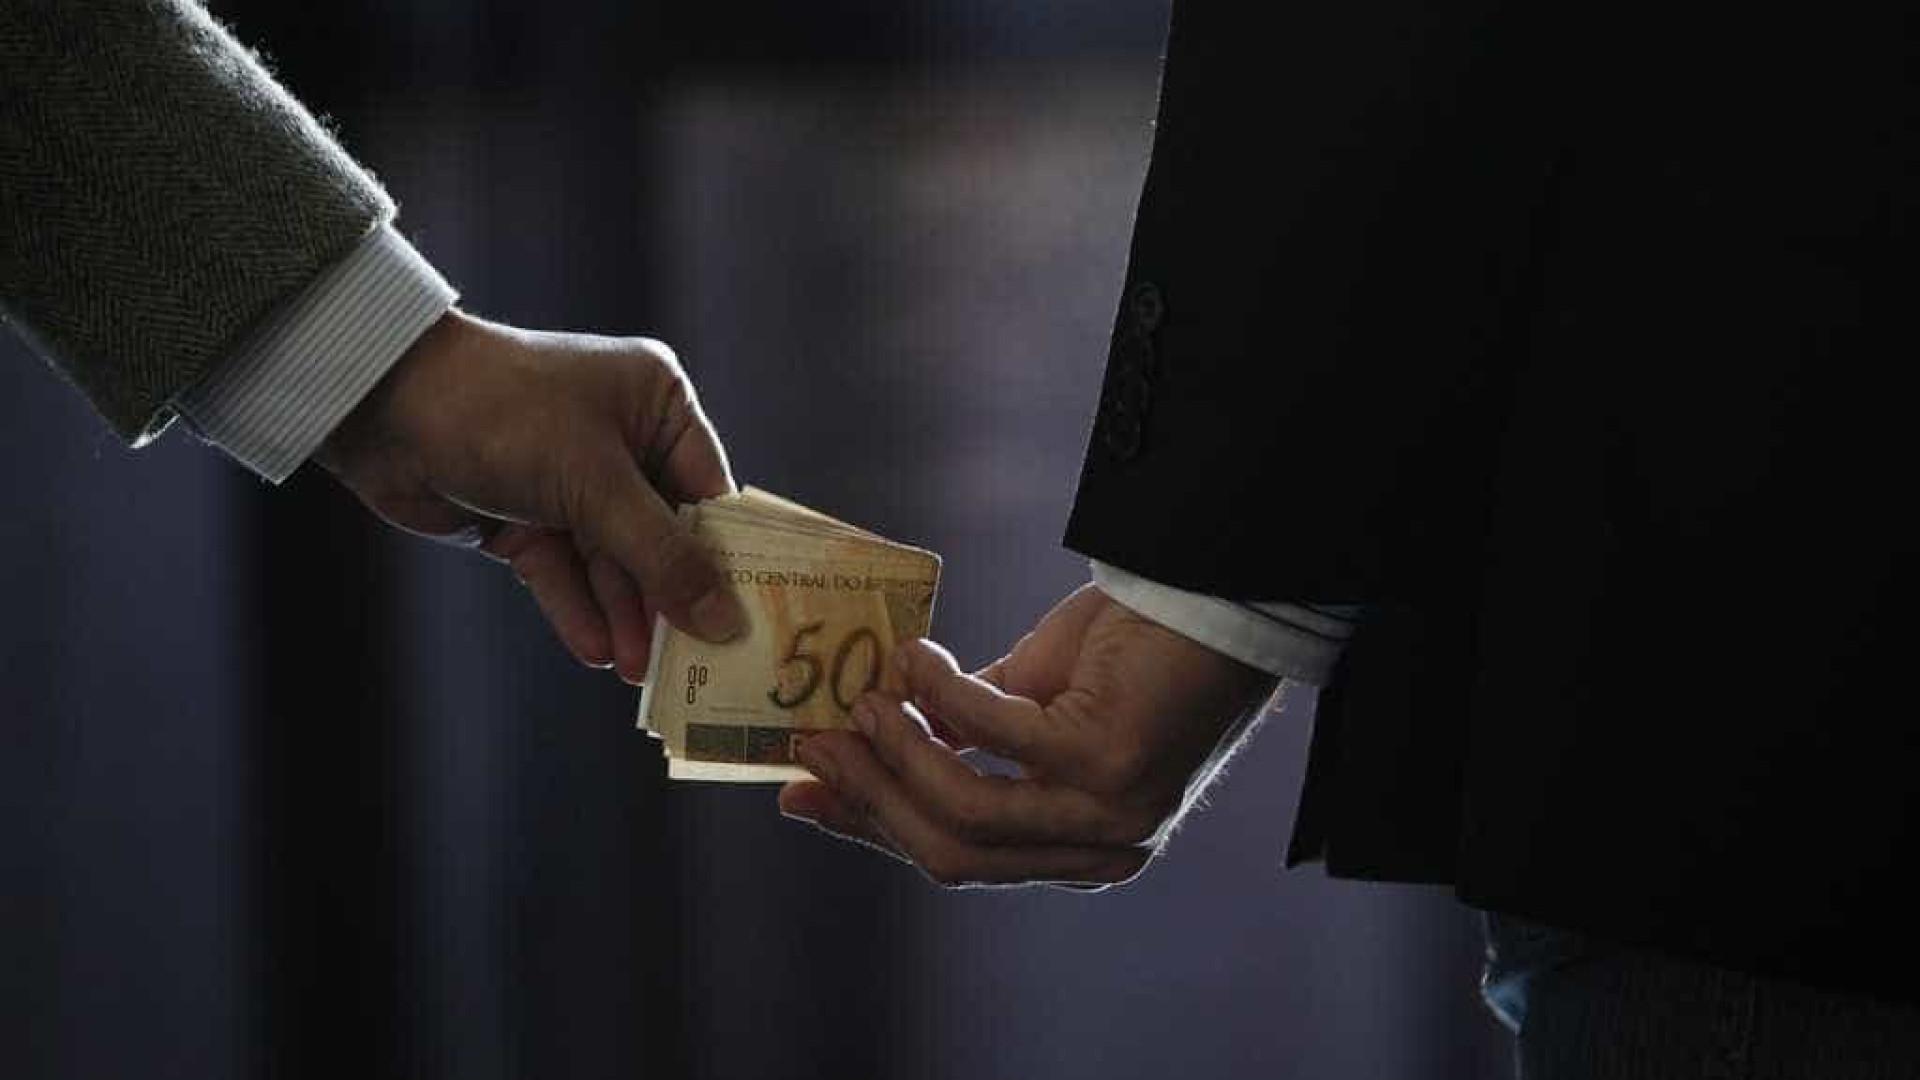 Advogado de delatores é acusado de cobrar propina